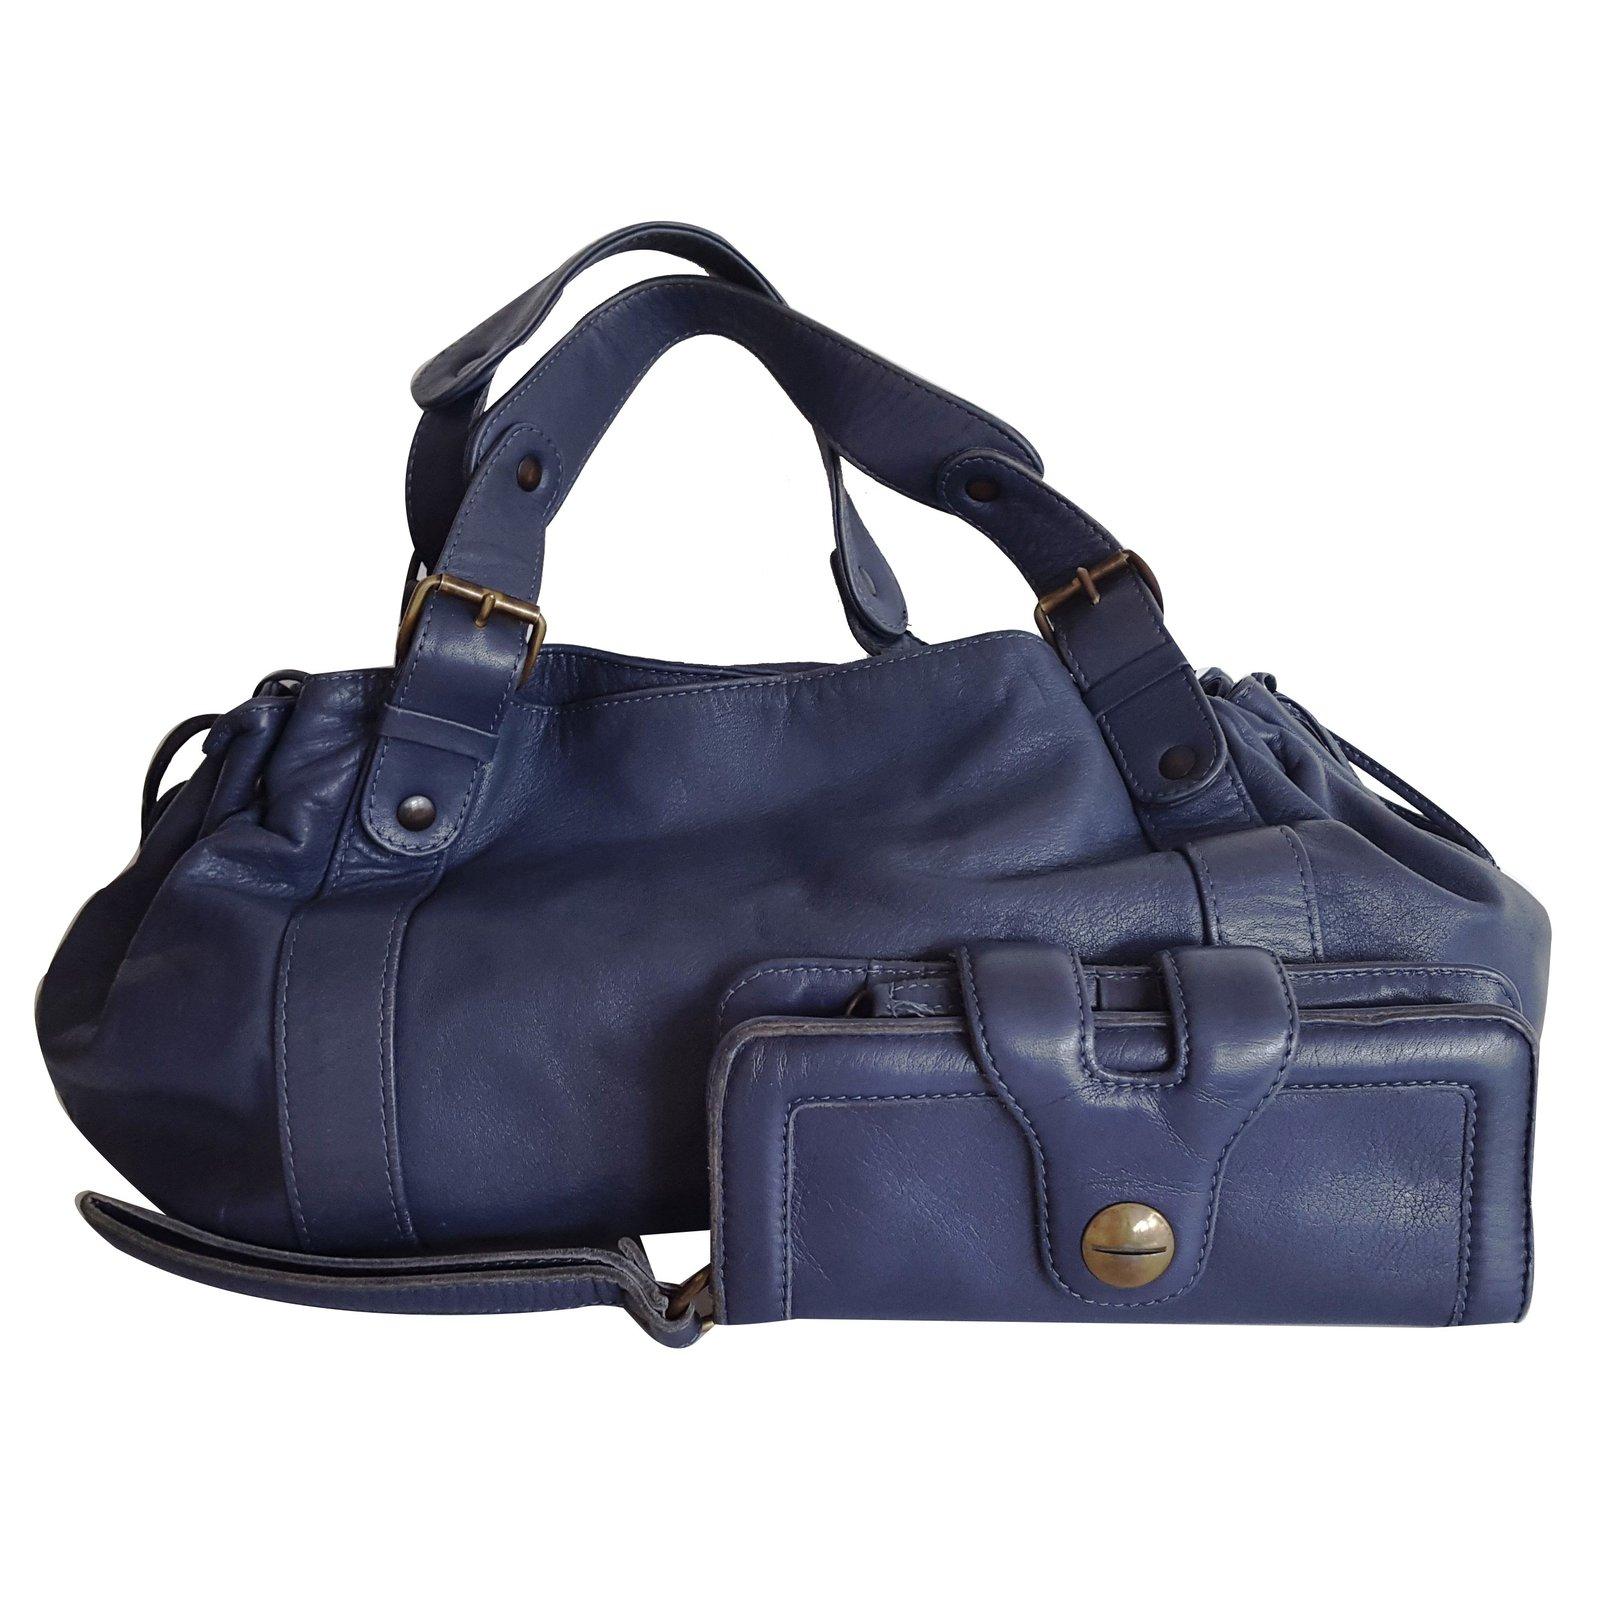 sacs main gerard darel 24h cuir bleu joli closet. Black Bedroom Furniture Sets. Home Design Ideas